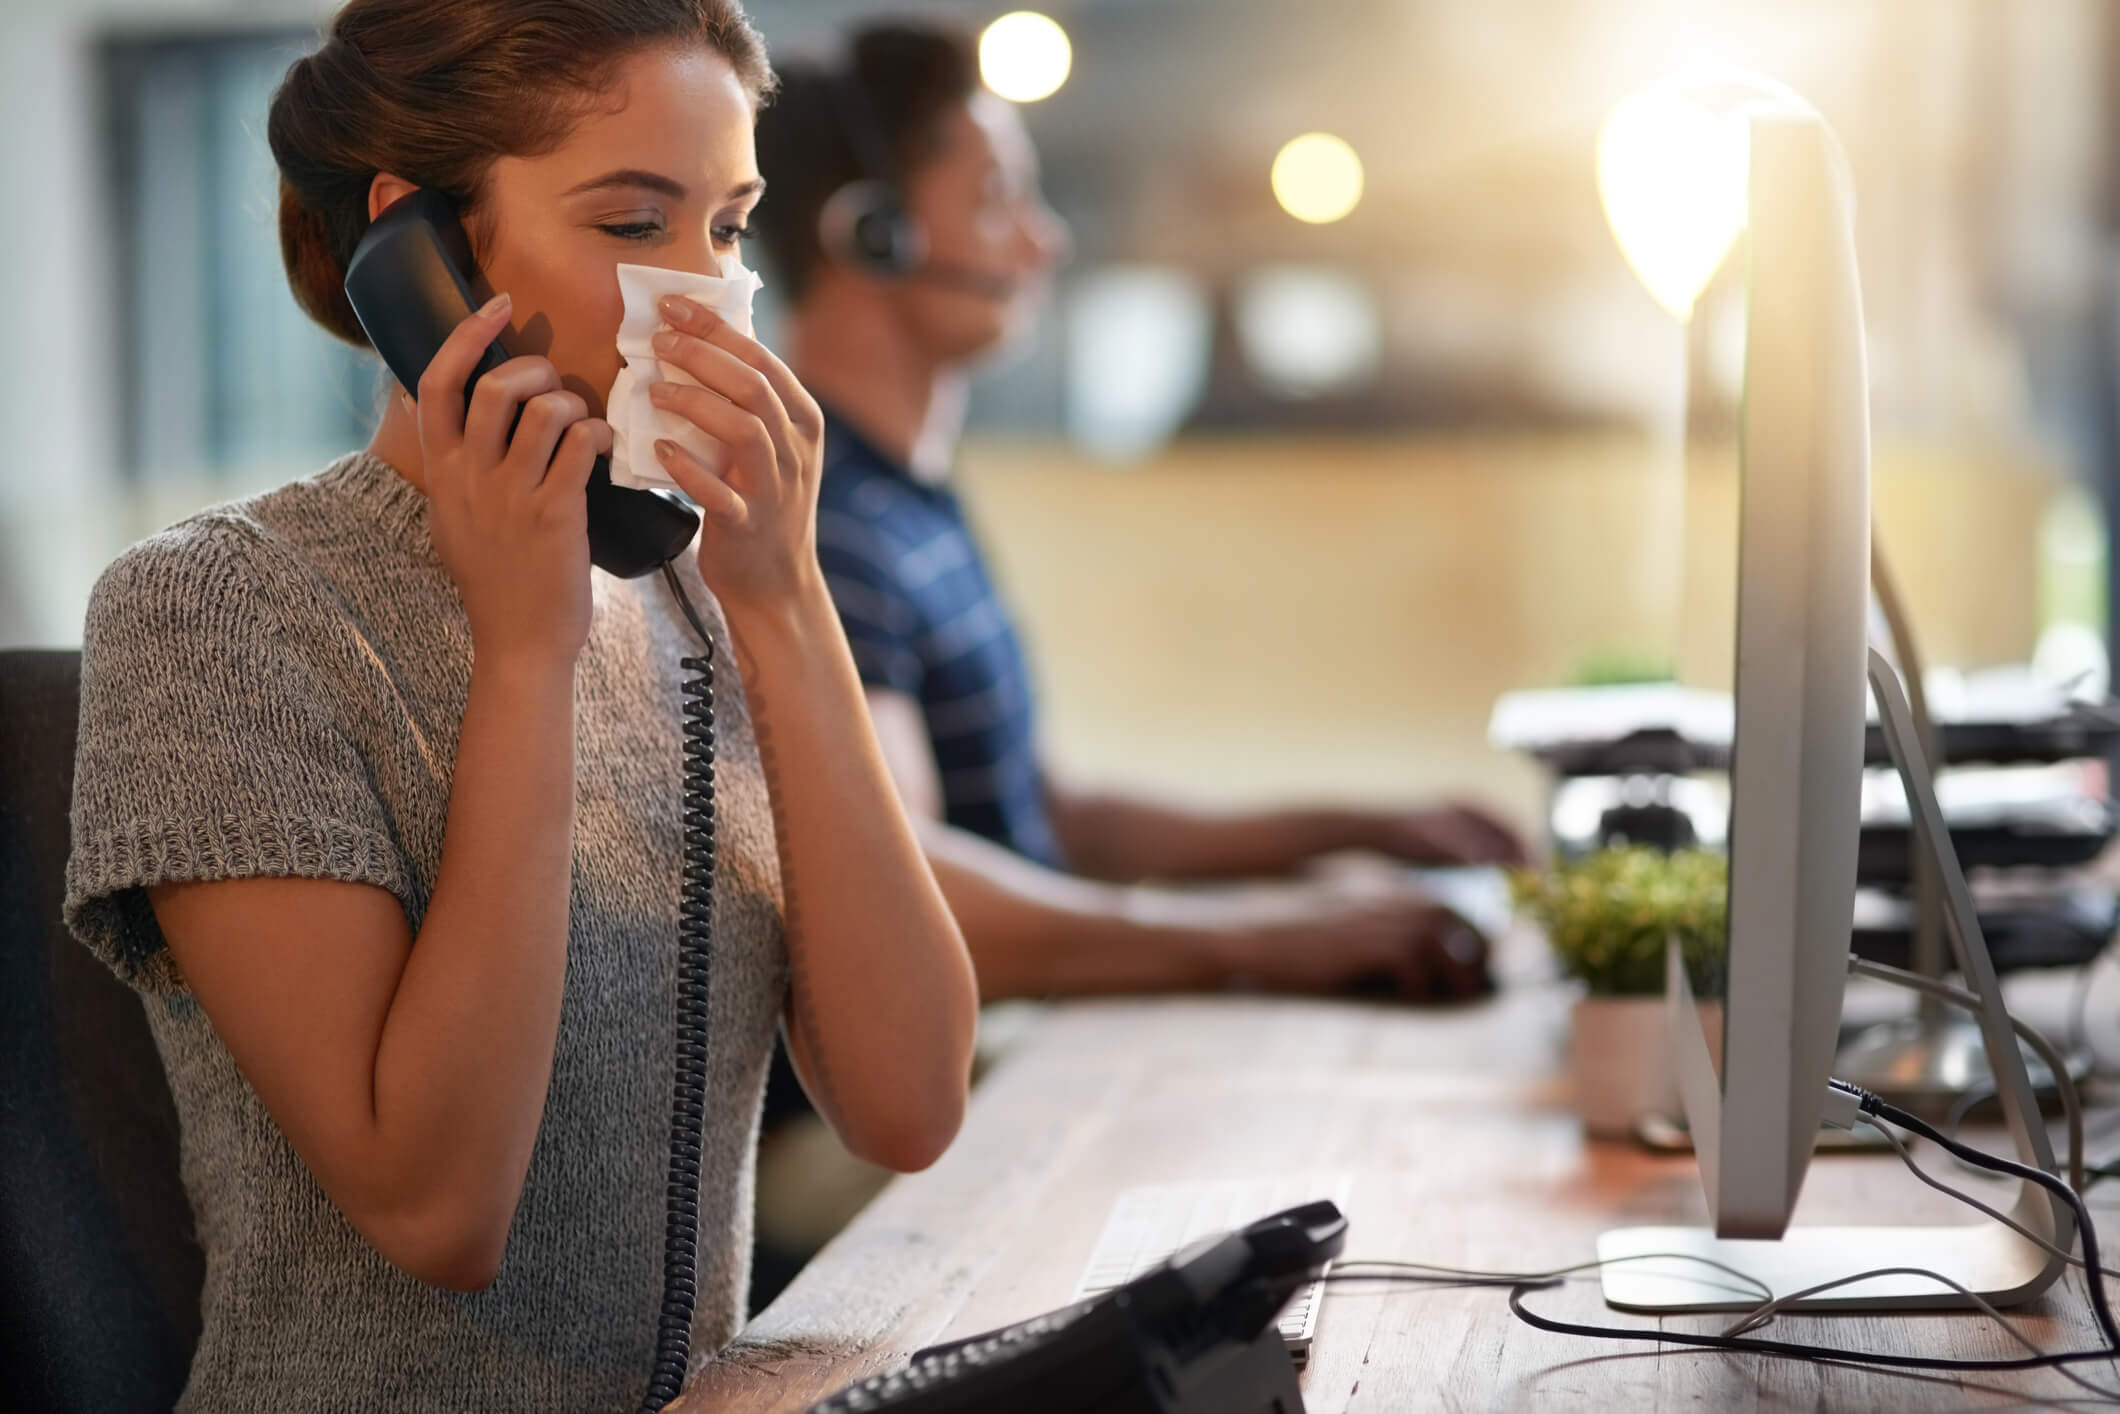 Простуда на работе: 9 советов для того чтобы не заразиться кашлем в офисе